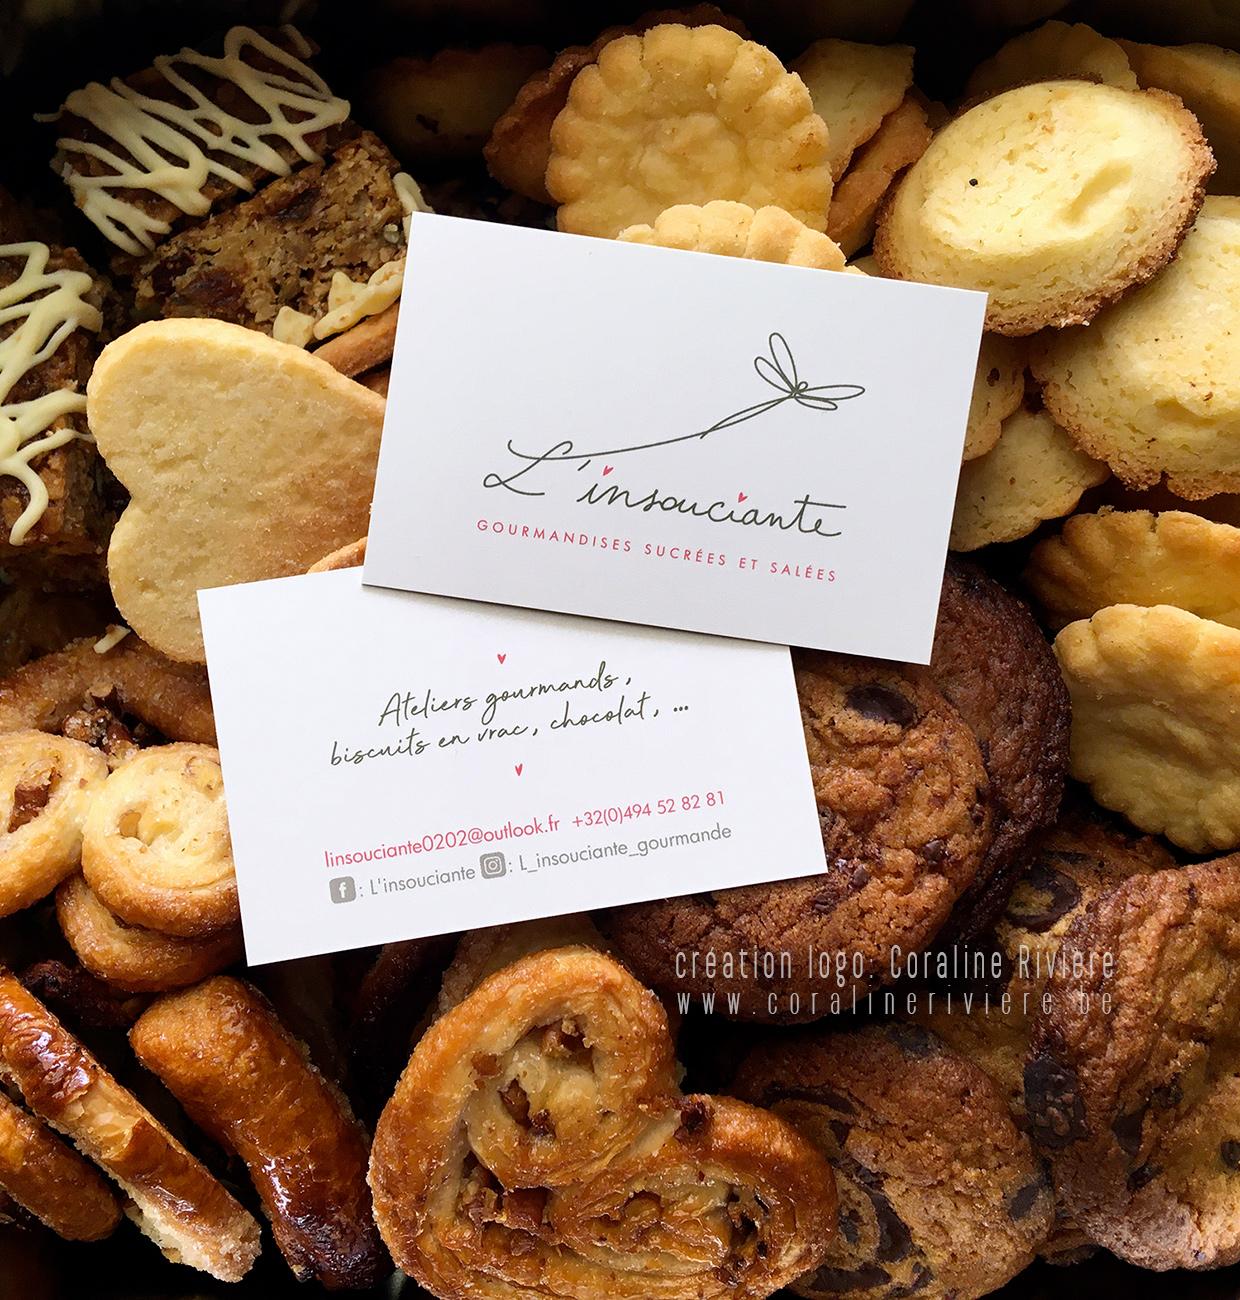 logo marque belge biscuits maison l insouciante